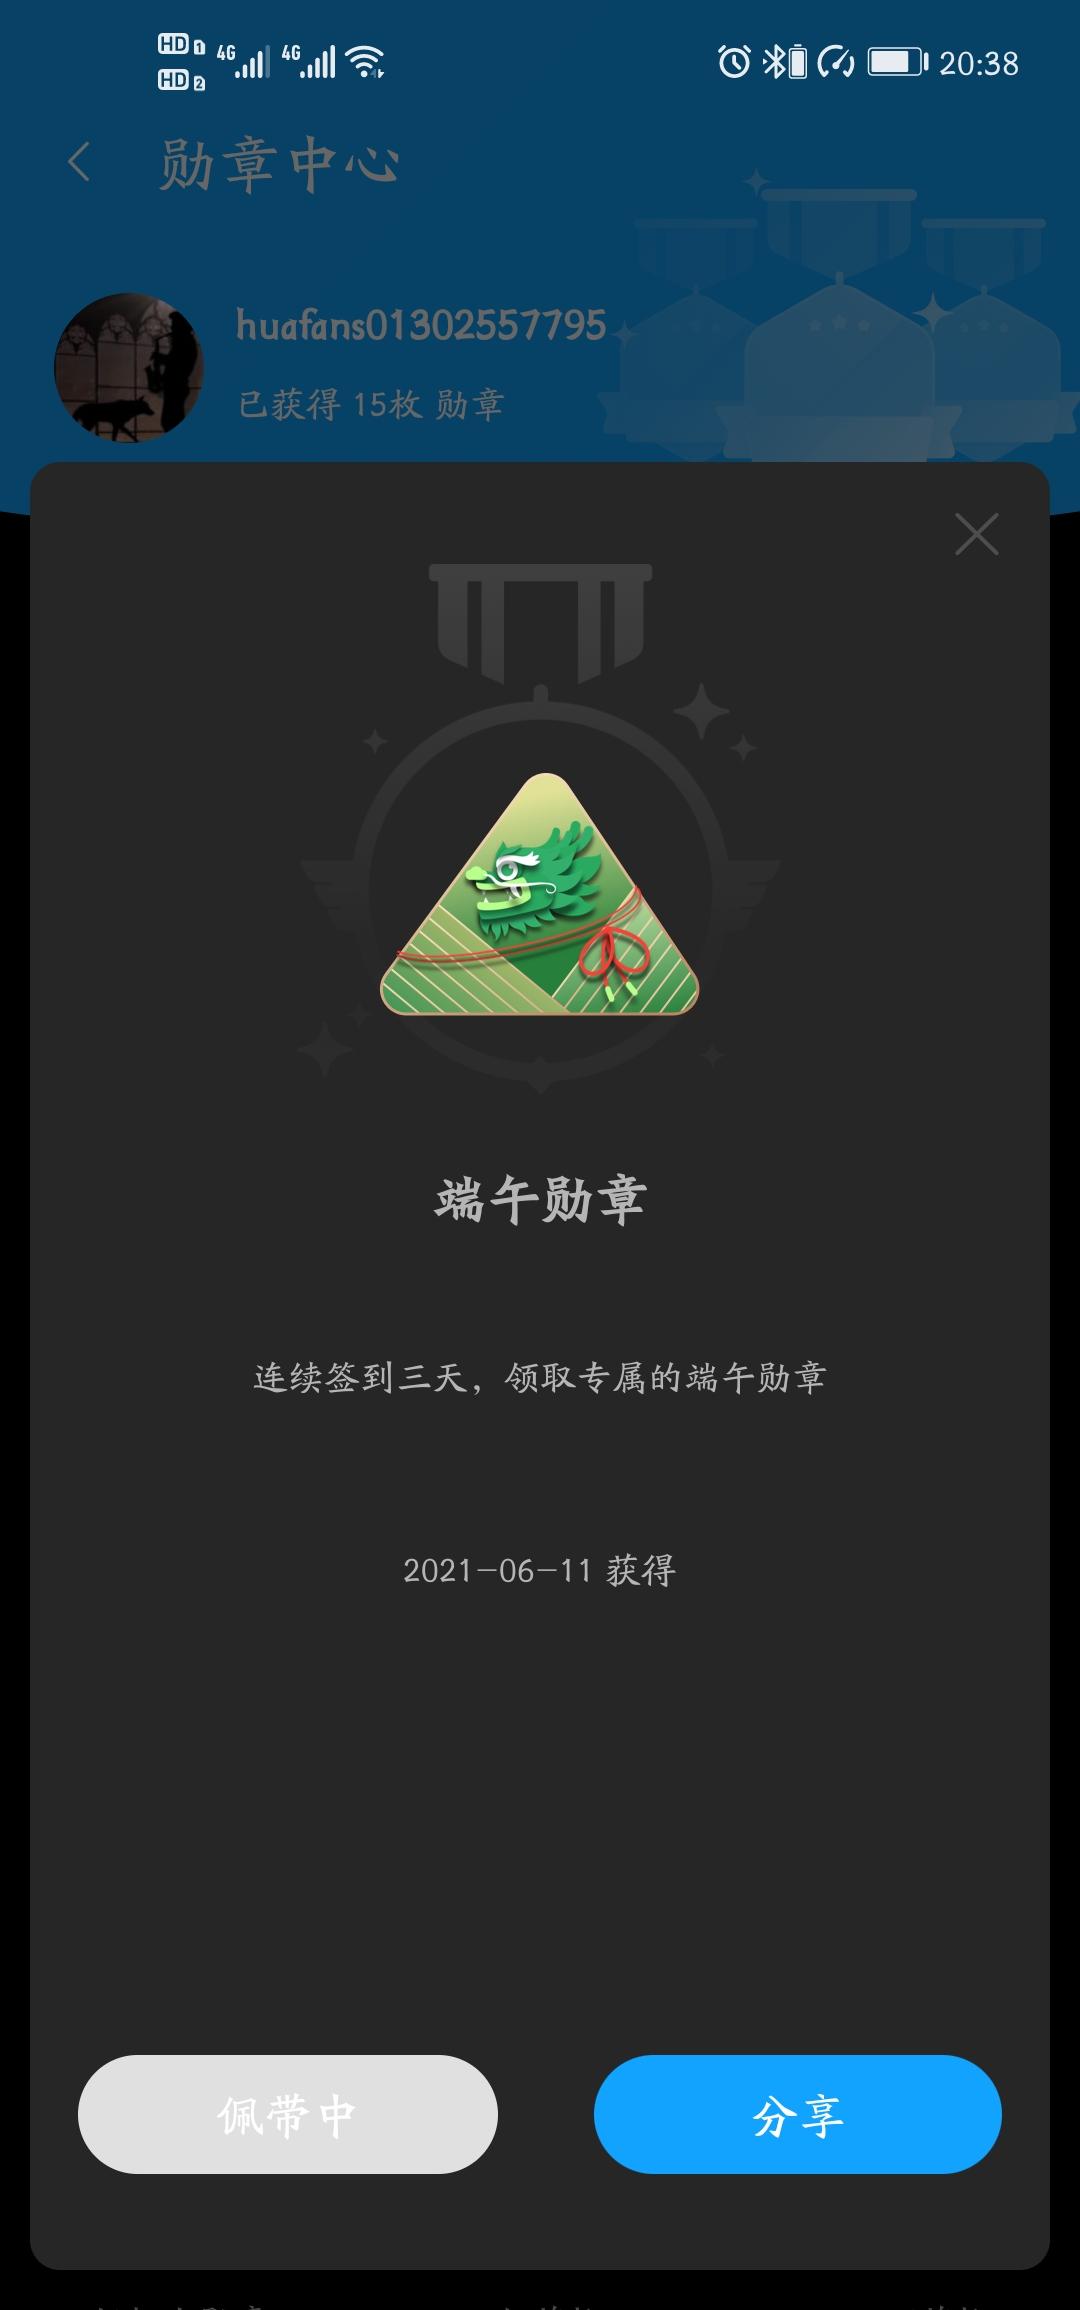 Screenshot_20210611_203857_com.huawei.fans.jpg